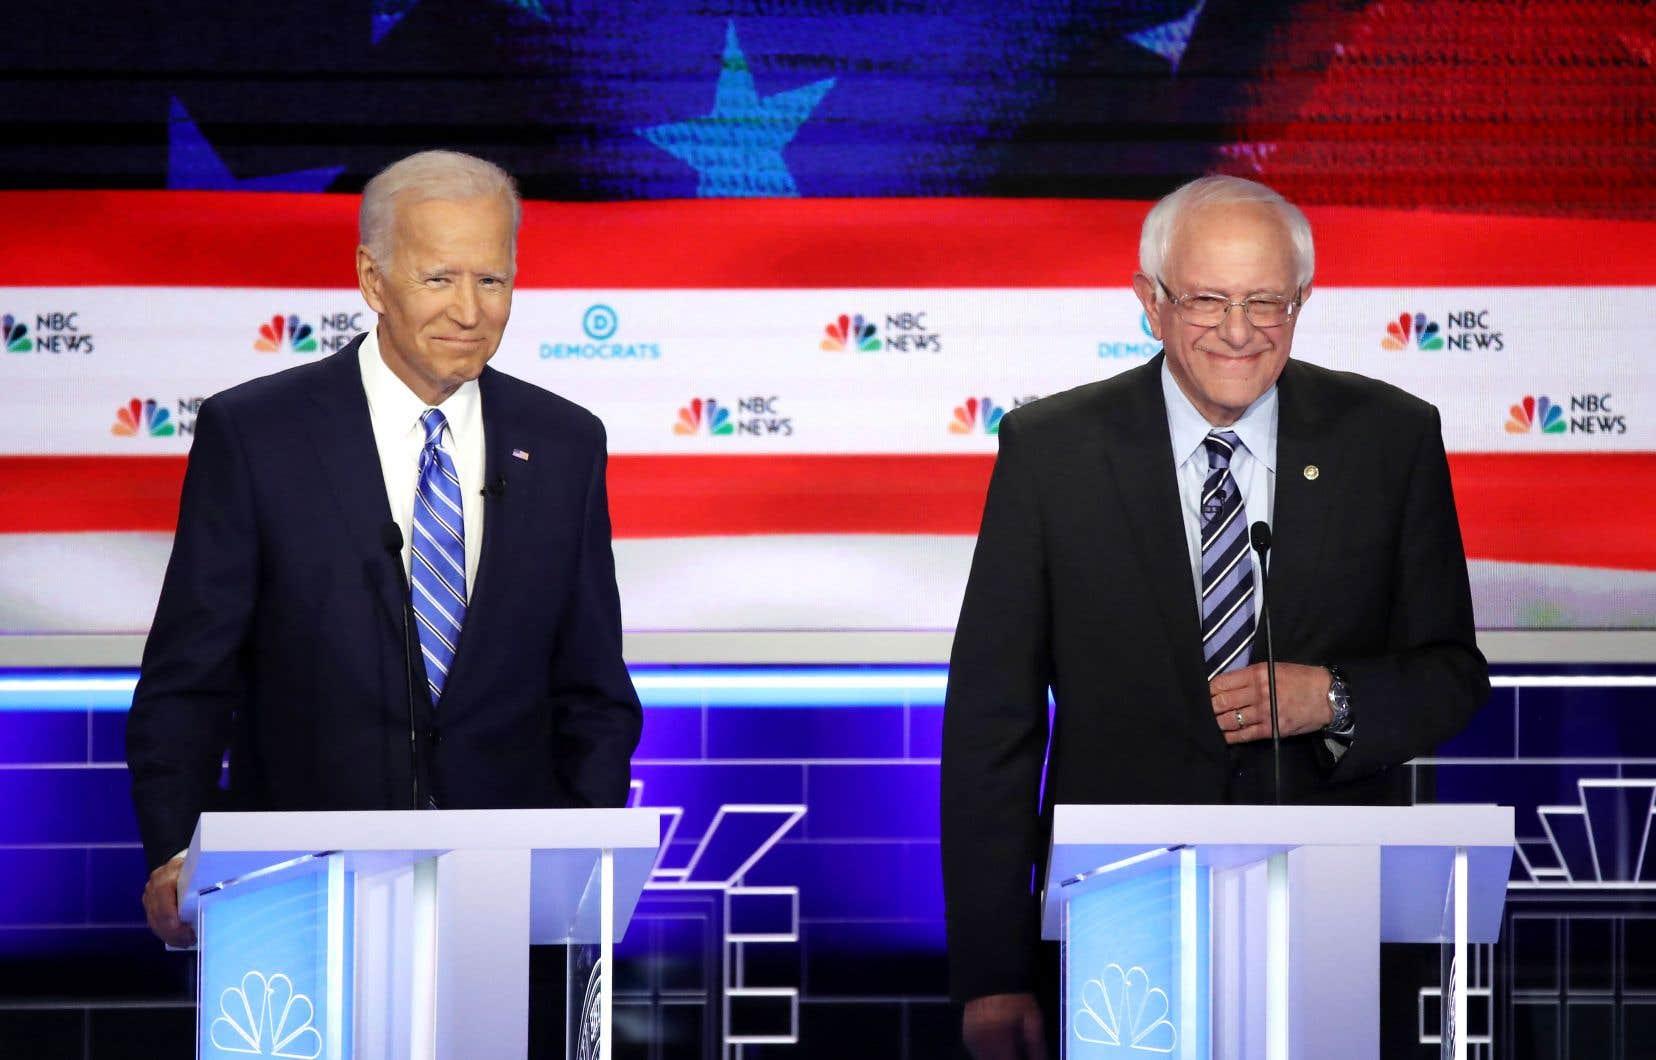 Le débat de jeudi soir mettait en scène les deuxmeneursactuels de cette course, soit Joe Biden et Bernie Sanders, ainsi que deux candidats qui montent dans les sondages, Kamala Harris etPete Buttigieg.